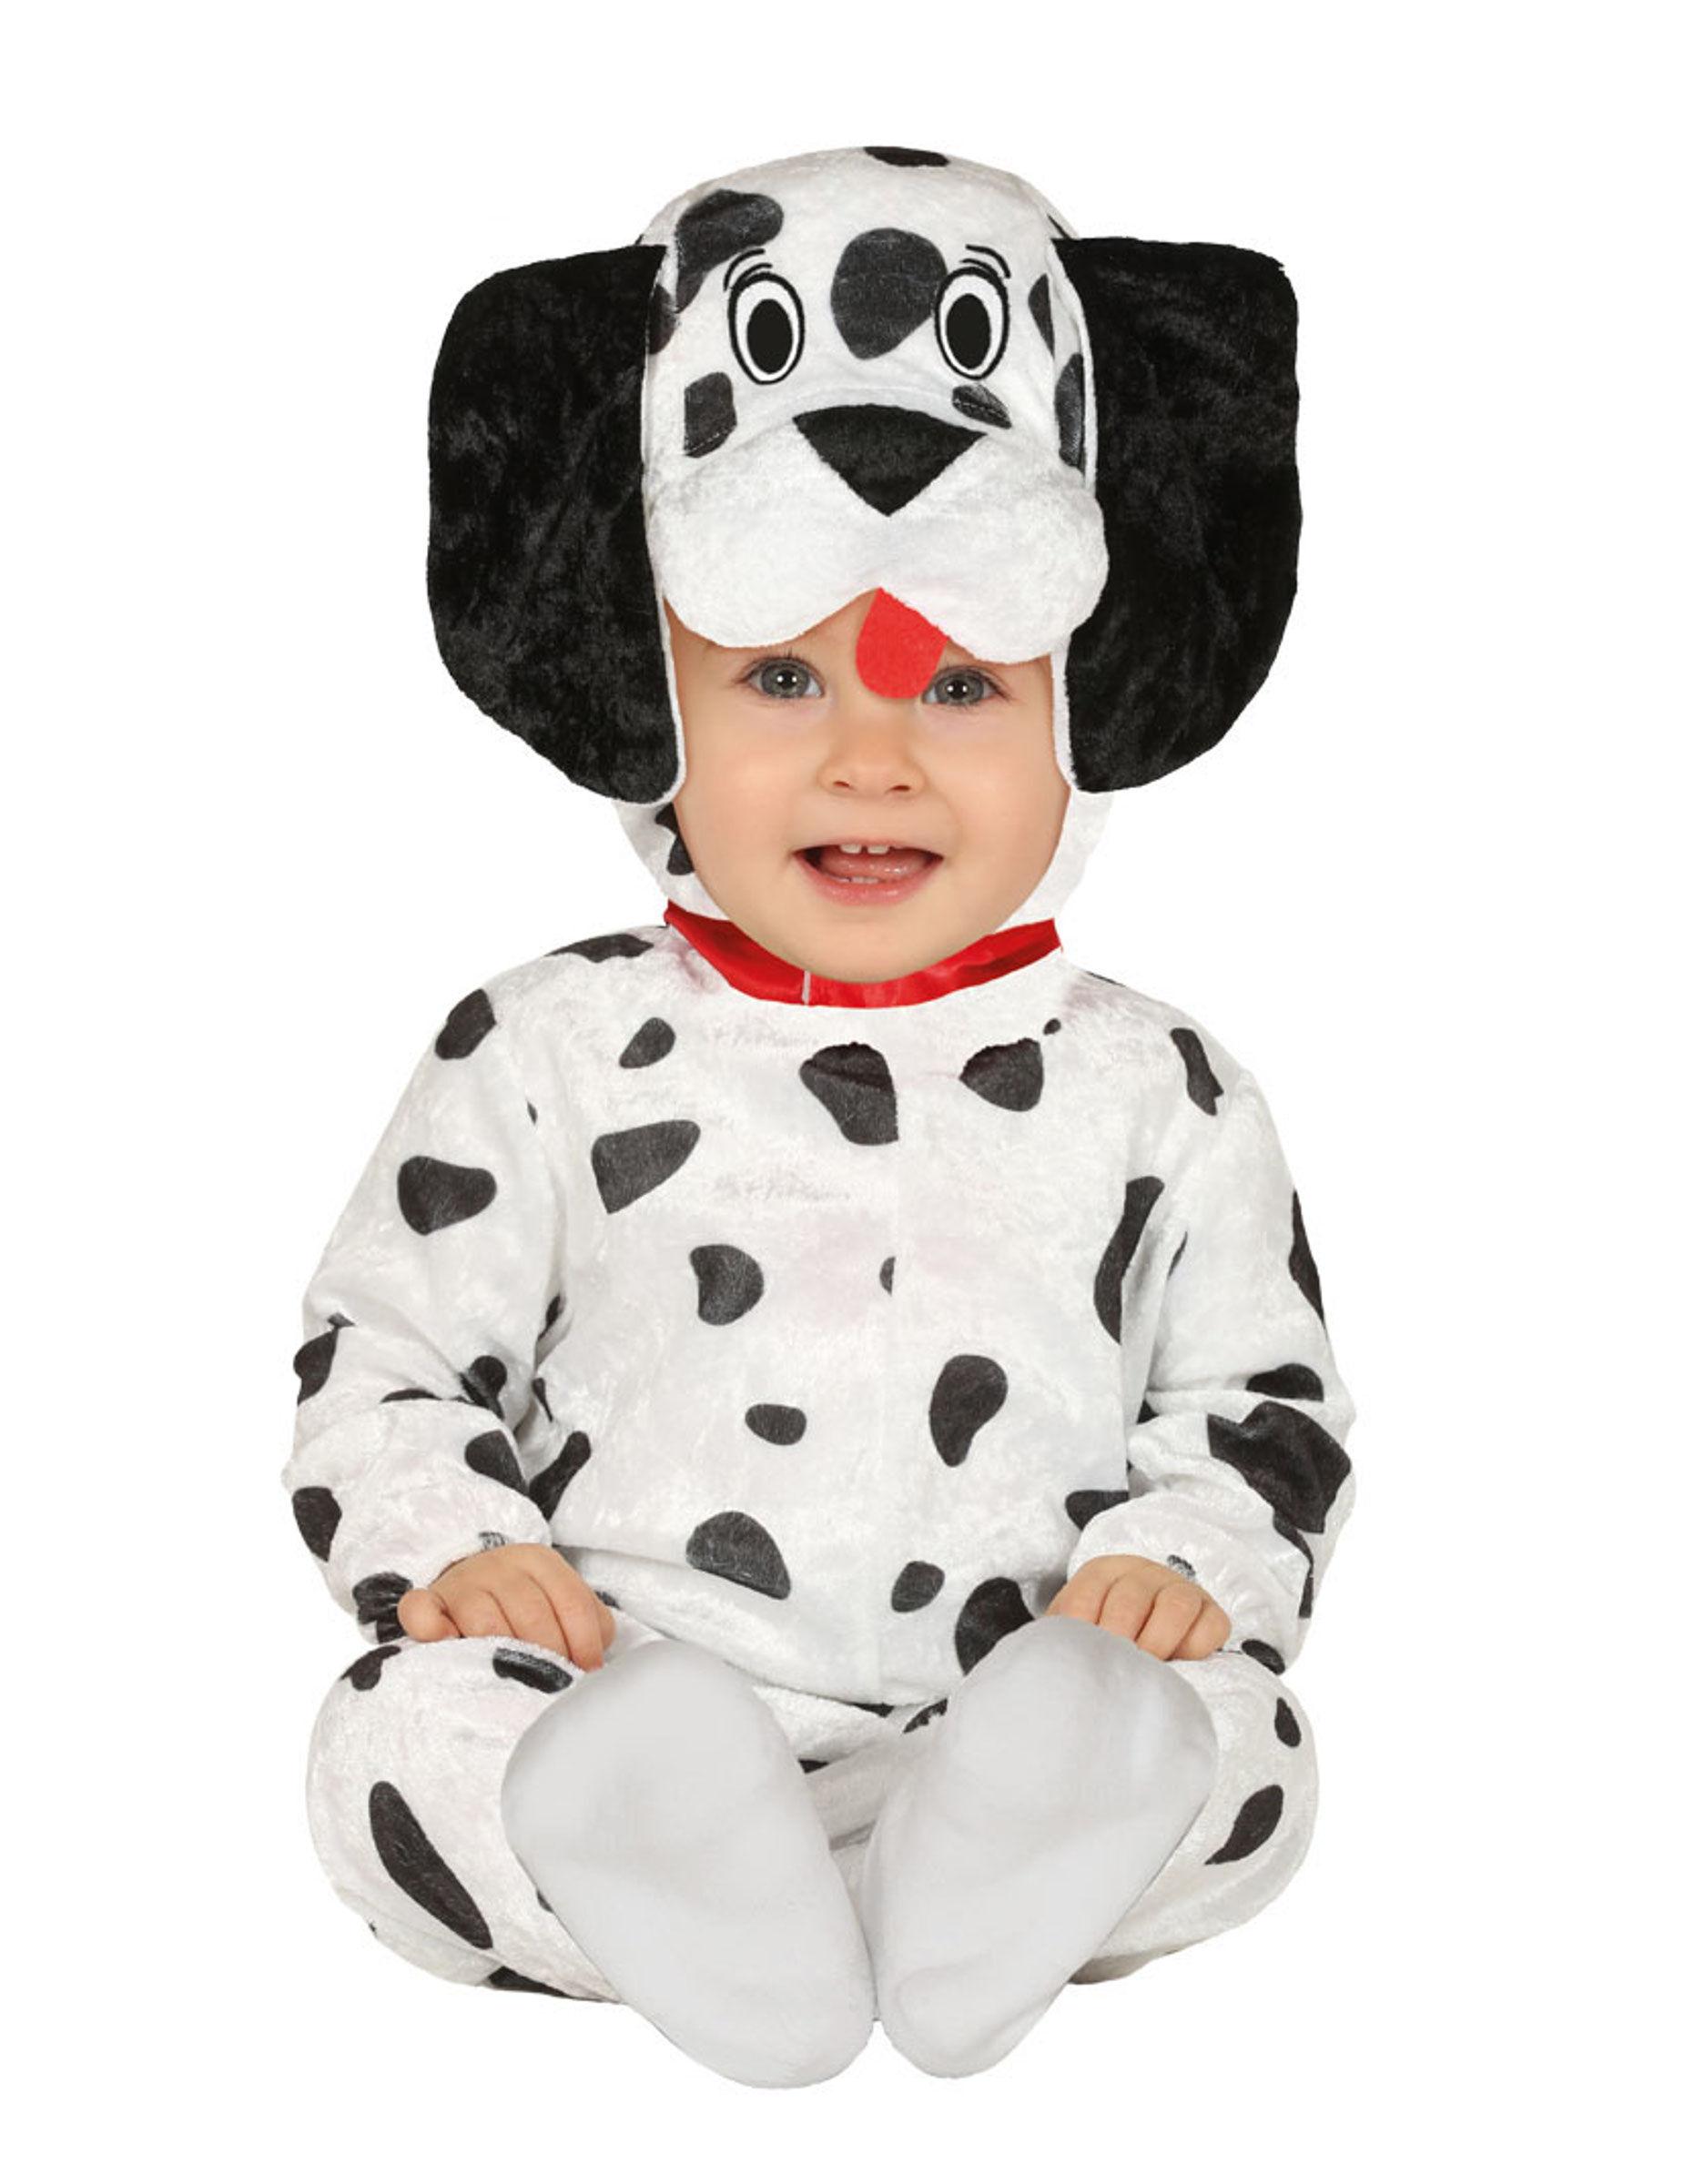 Deguisetoi Déguisement dalmatien bébé - Taille: 6 à 12 mois (82-83 cm)